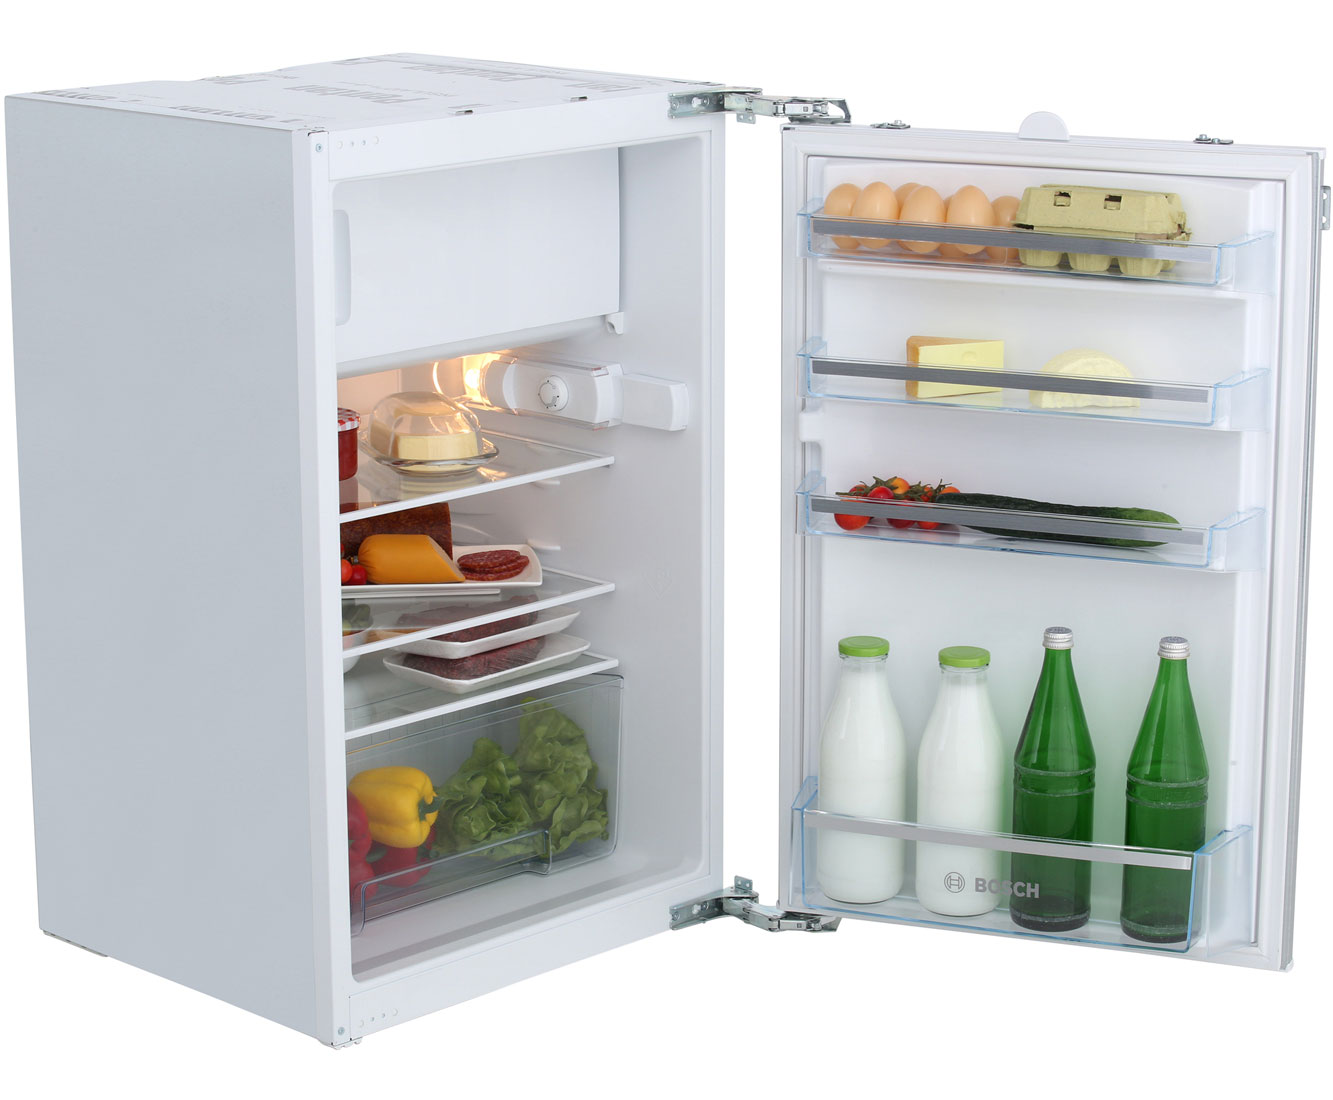 Bosch Kühlschrank Freistehend Mit Gefrierfach : Bosch serie kil v einbau kühlschrank mit gefrierfach er